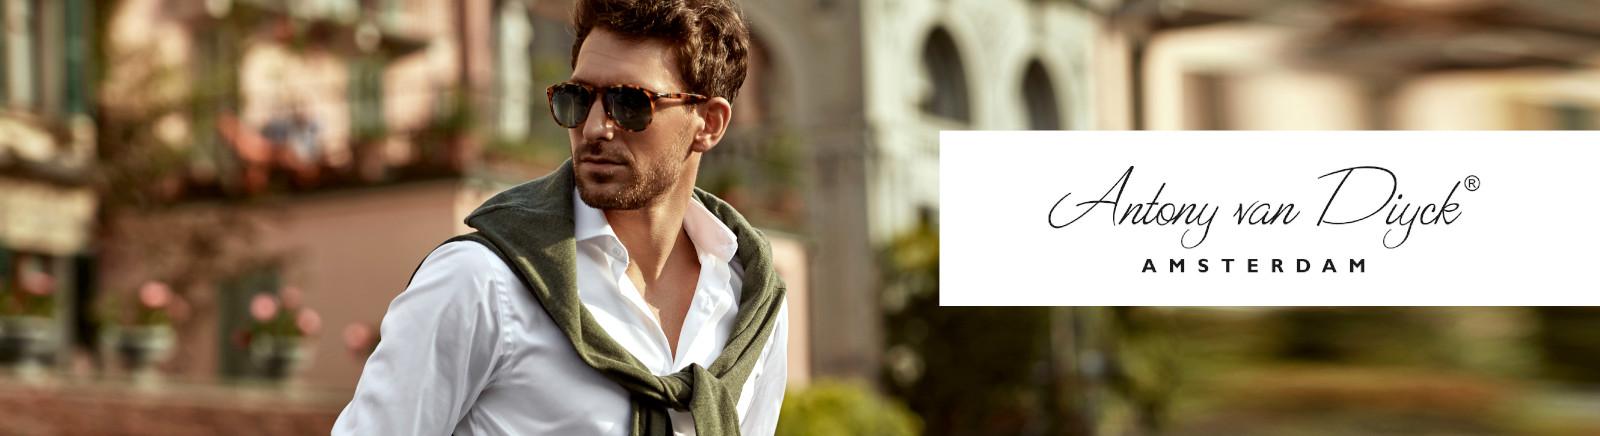 Antony van Diyck Markenschuhe online kaufen im Shop von GISY